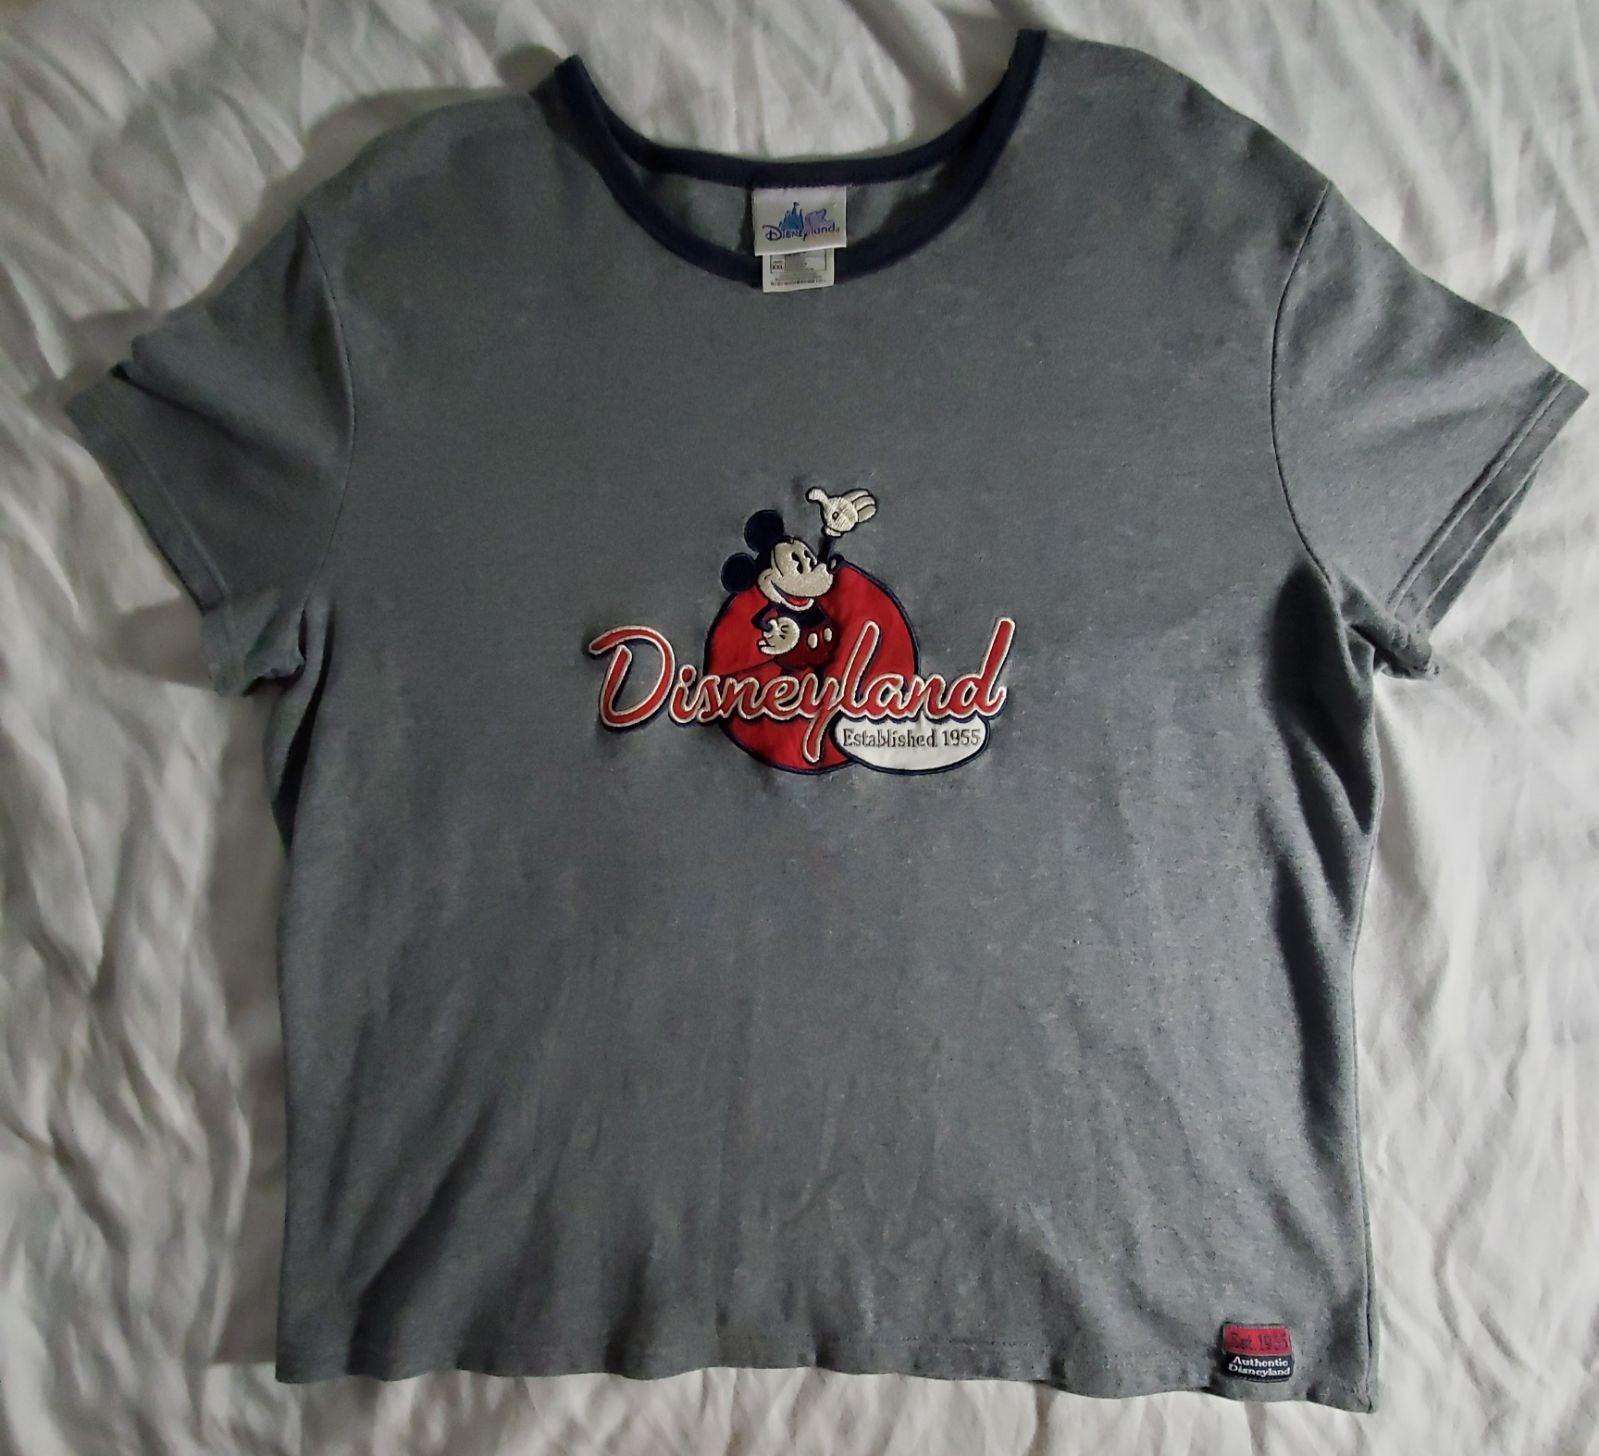 Vintage Disneyland Embroidered tee